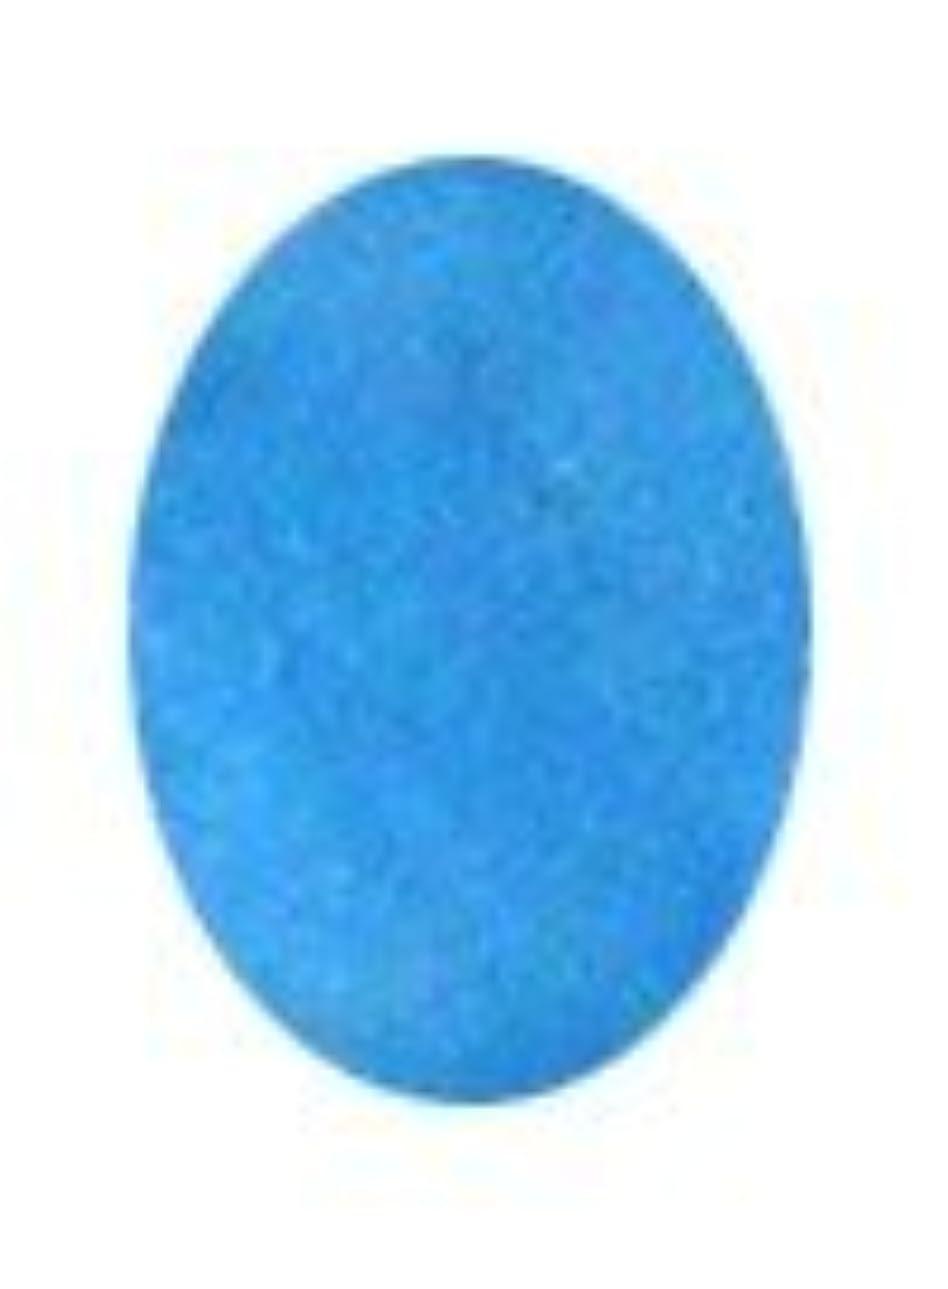 闇クーポンテセウスアクリルカラーパウダー?ブルー?5g